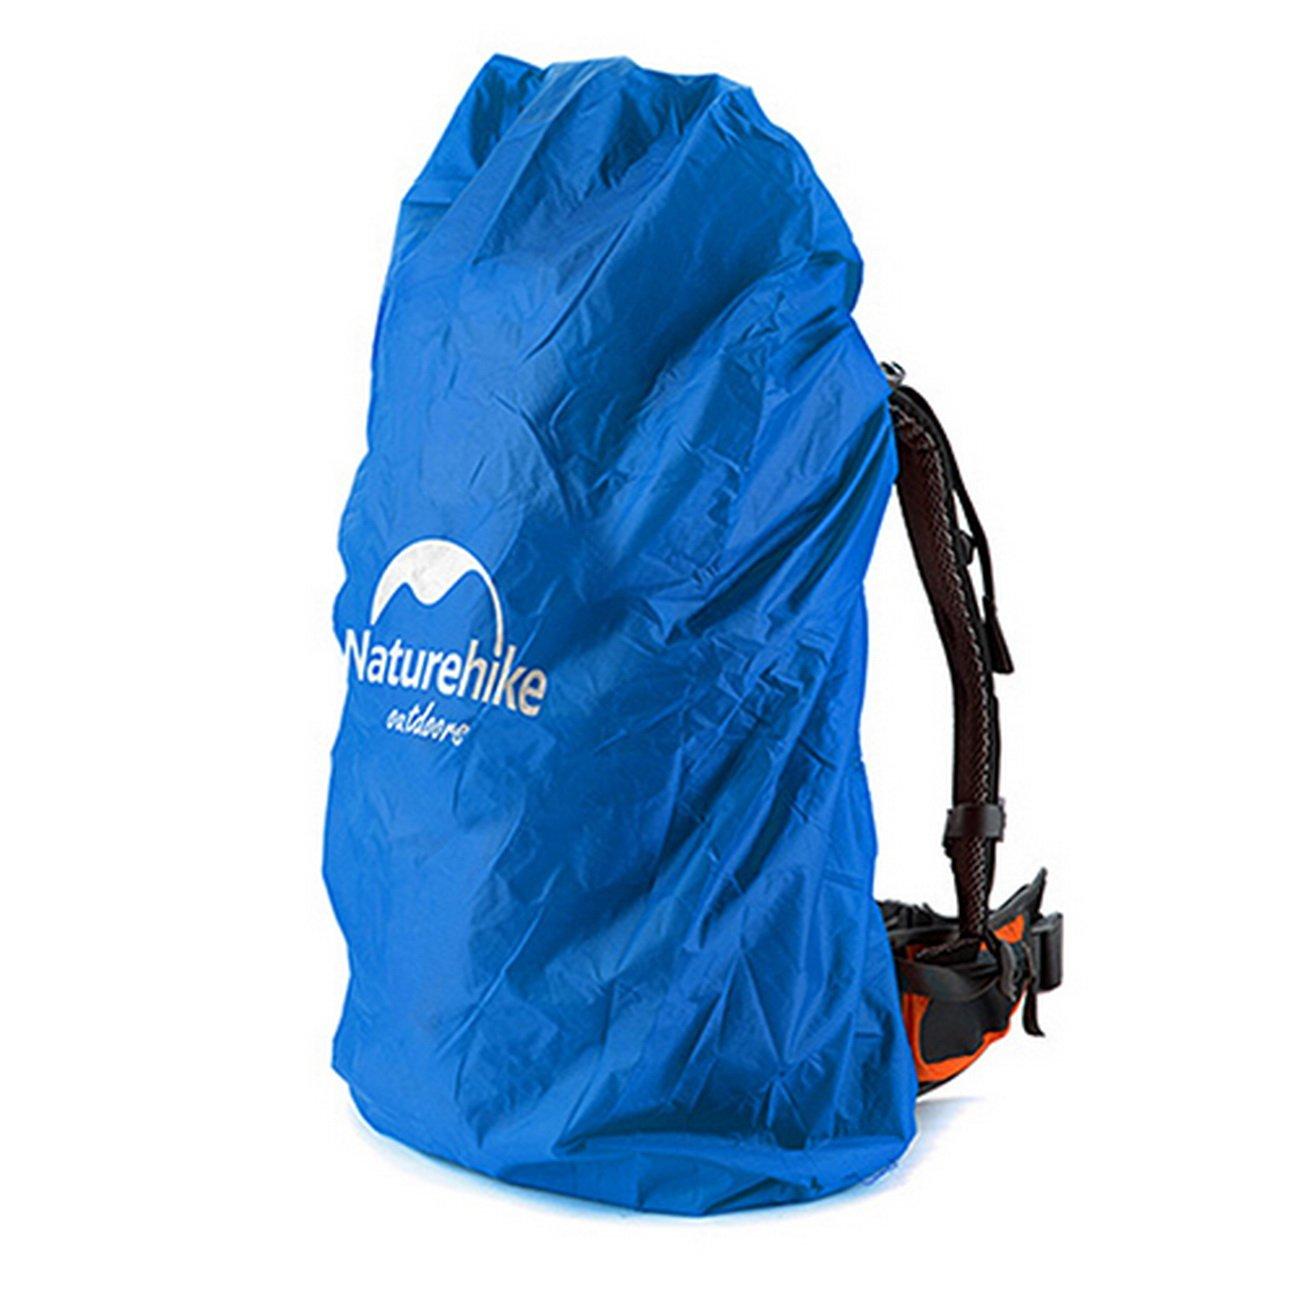 Naturehike Bag Cover 20~75L Waterproof Rain